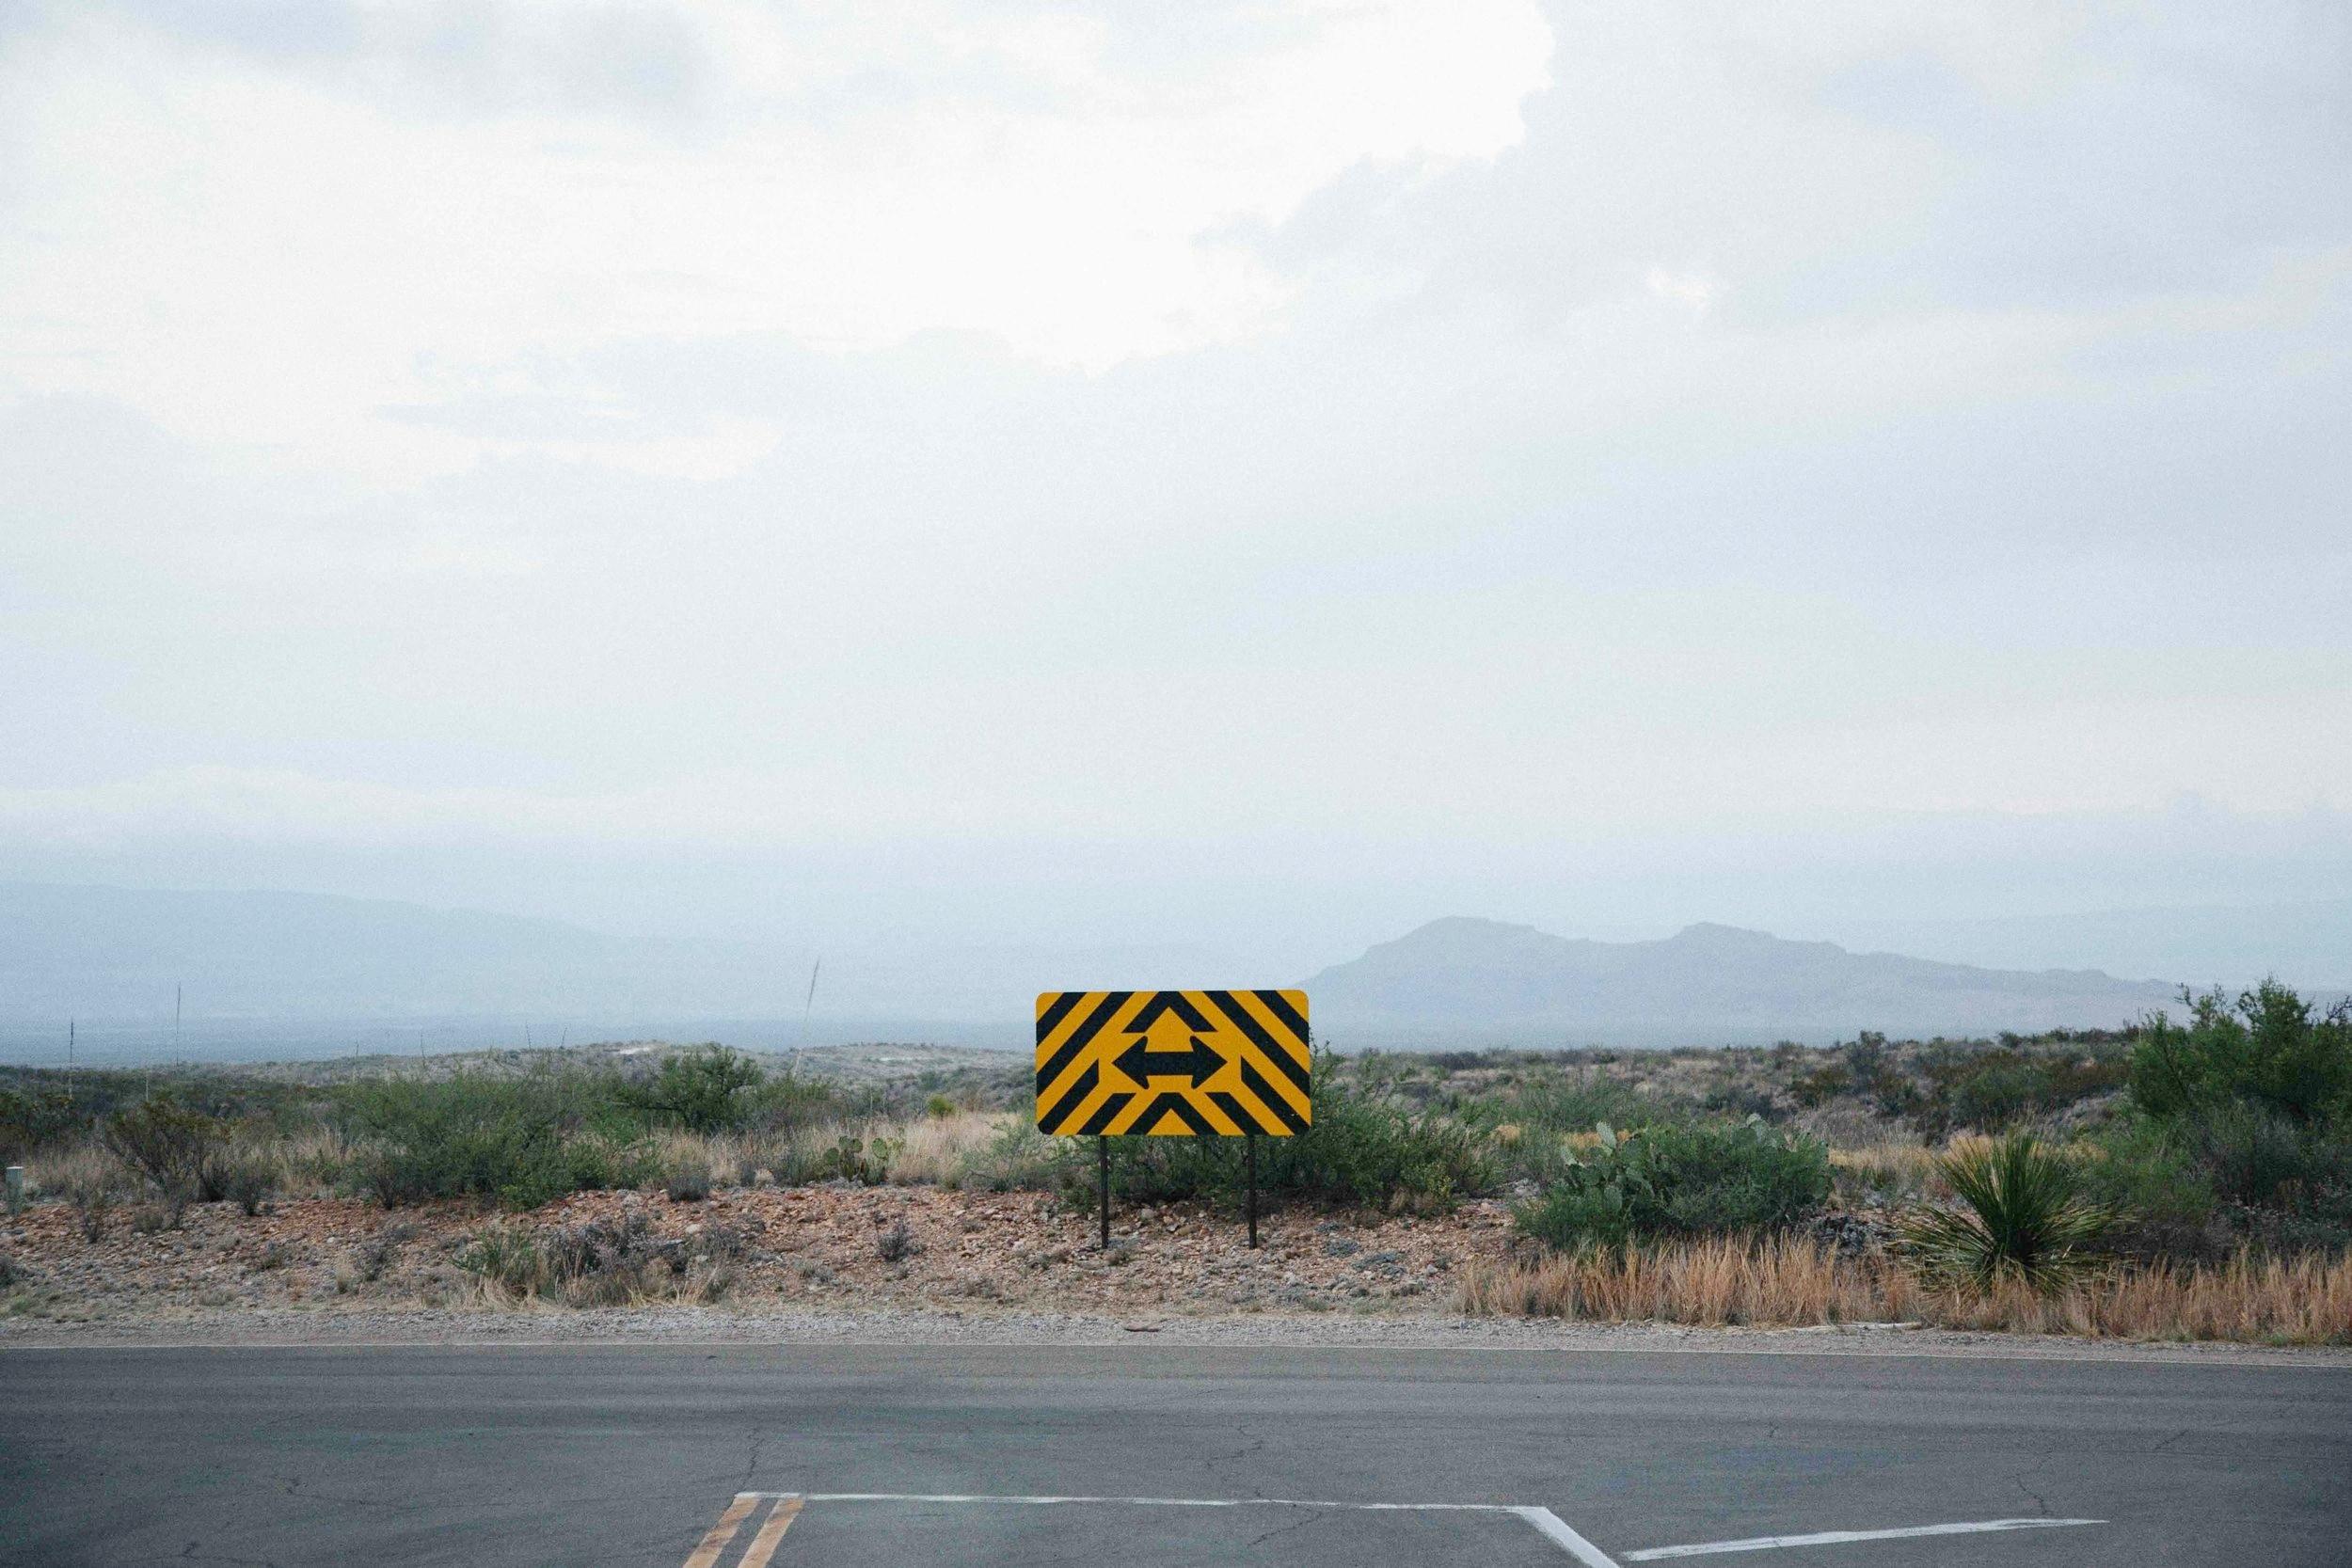 road-sign-arrows